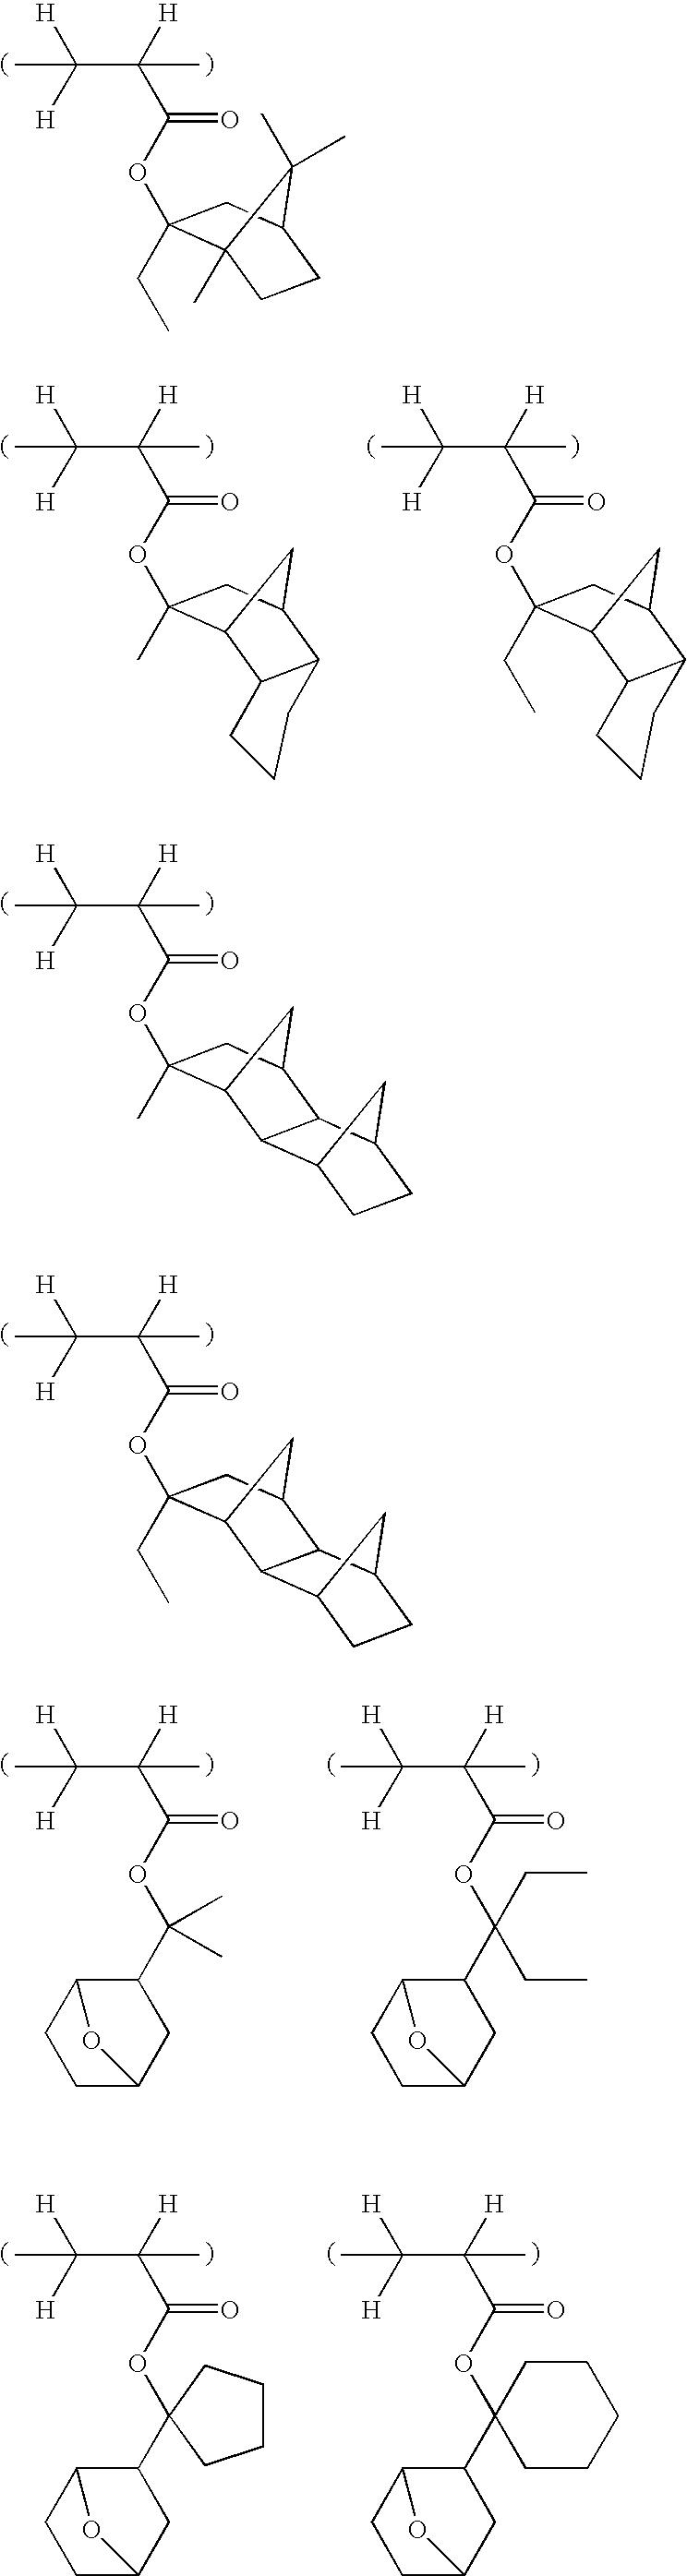 Figure US07537880-20090526-C00048